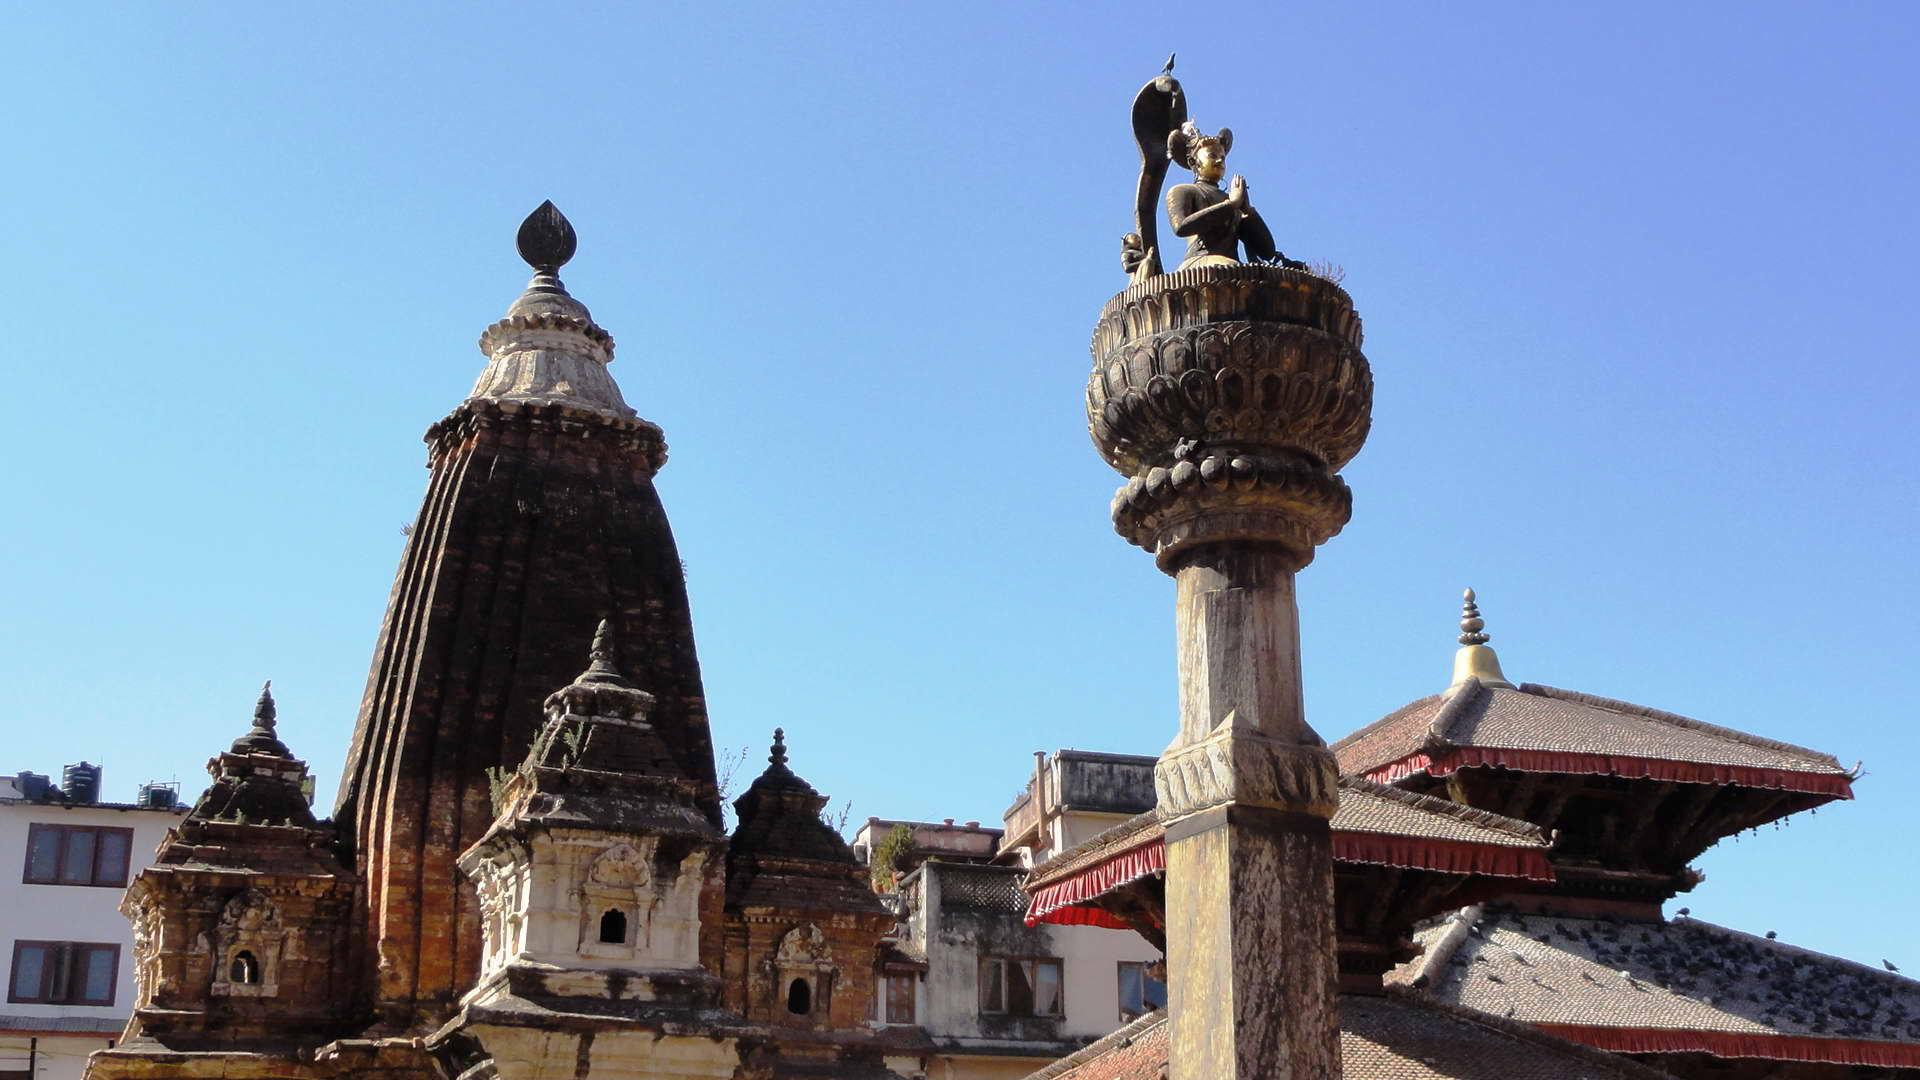 尼泊尔最著名的景点